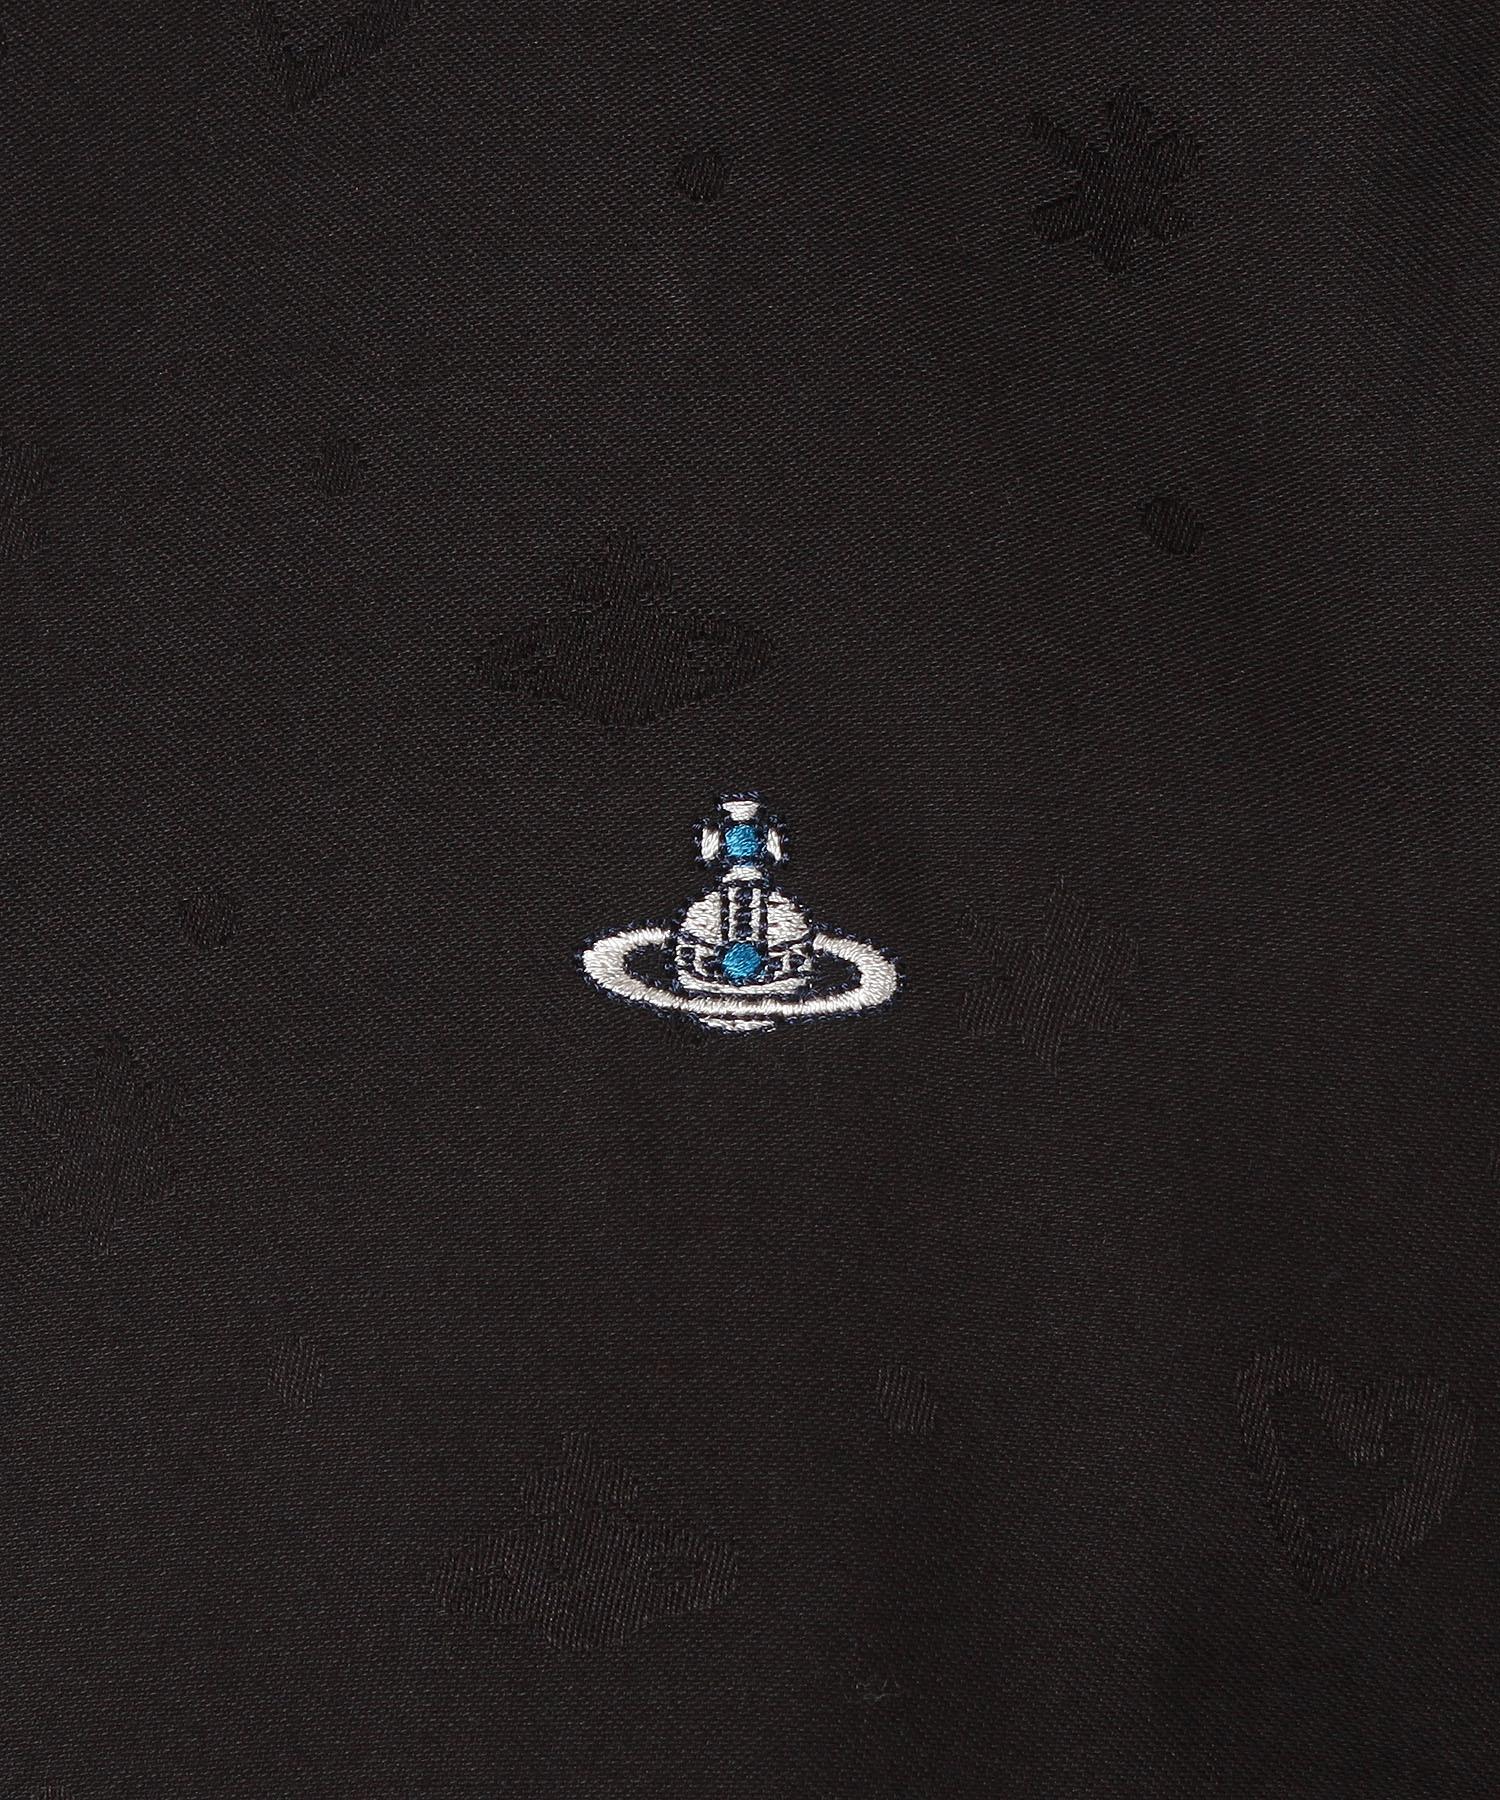 ORBジャカード NEWクラシック シャツ